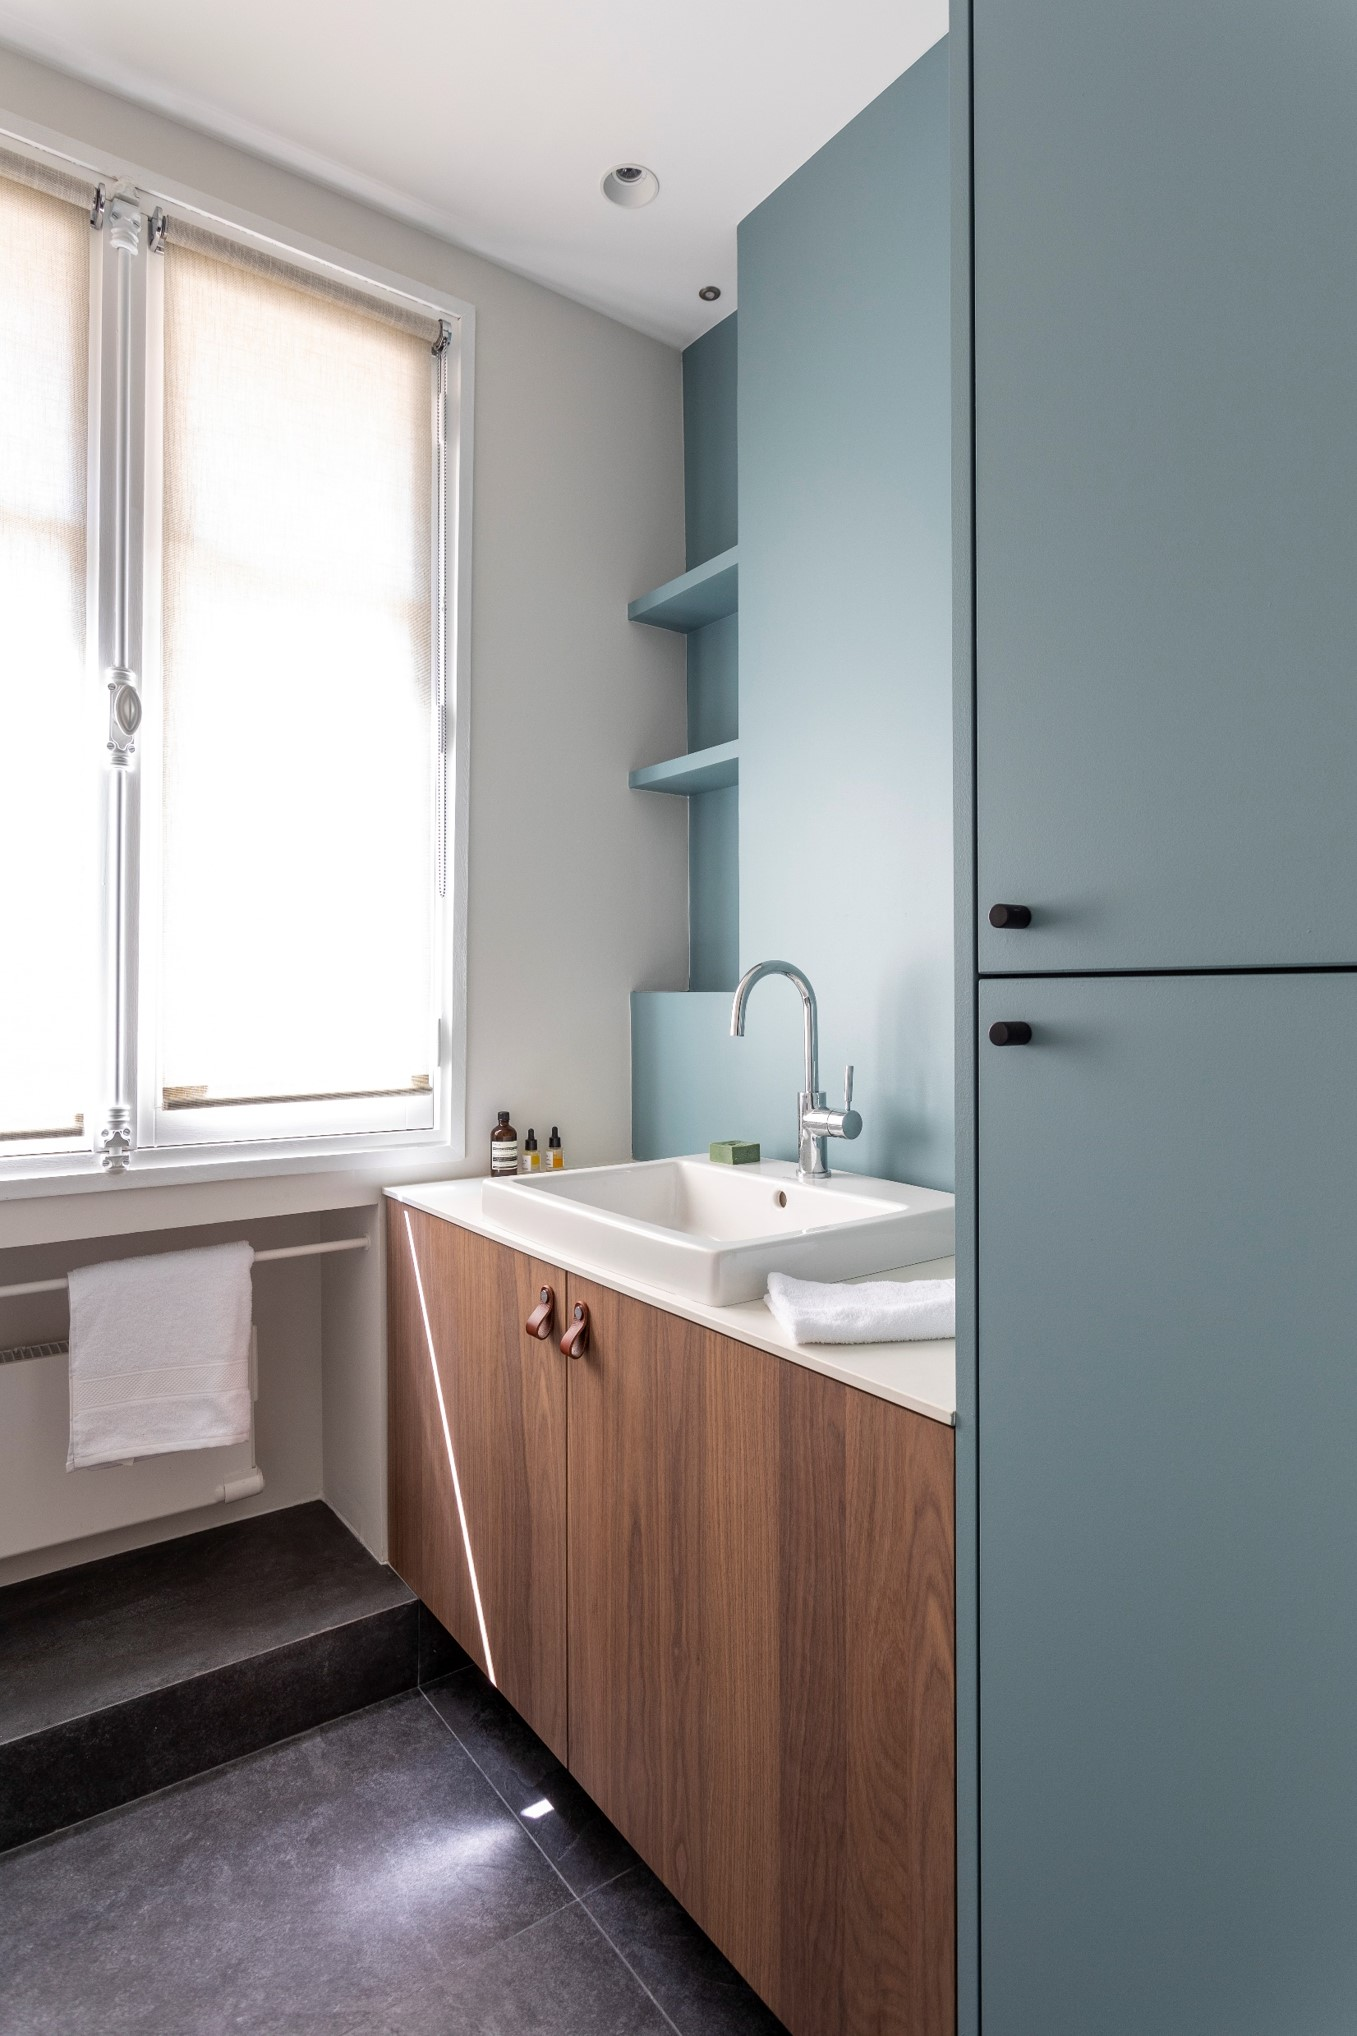 salle de bain marazzi ardesia vasque semi encastree noyer fenetre store